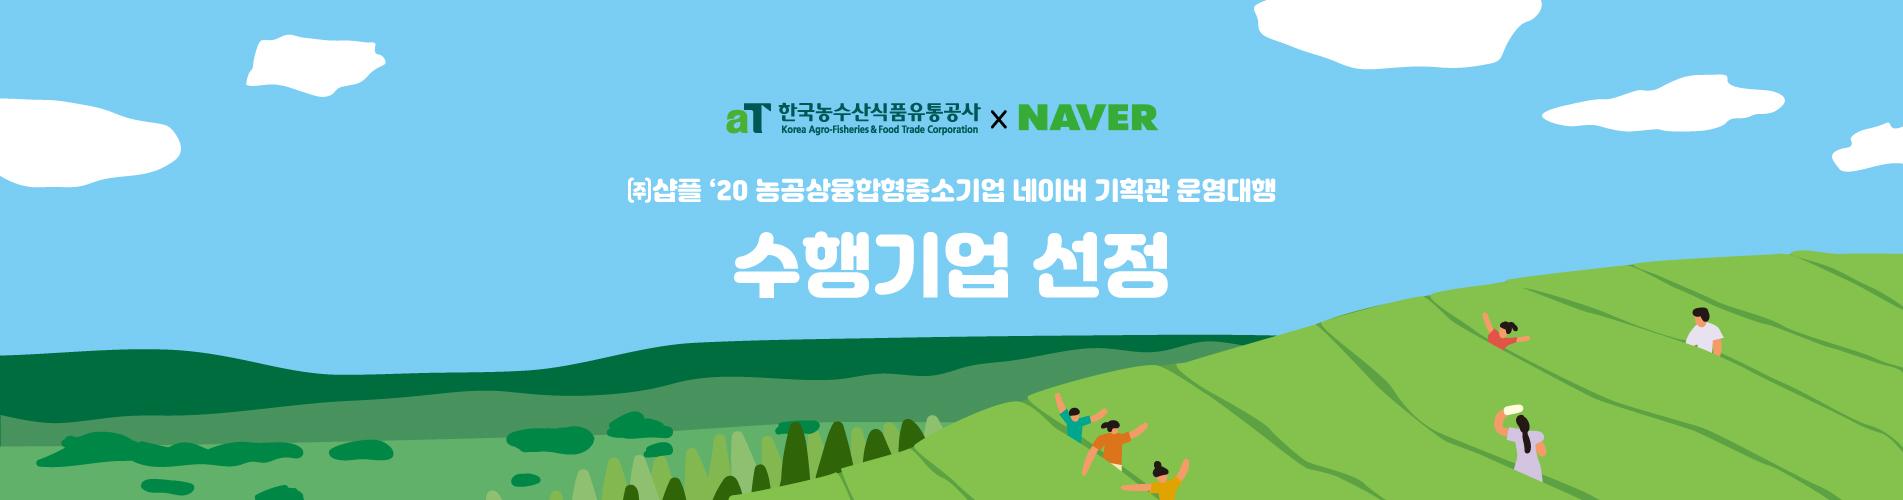 메인배너2-농공상융합형중소기업 네이버 기획관 운영대행 수행기관 선정